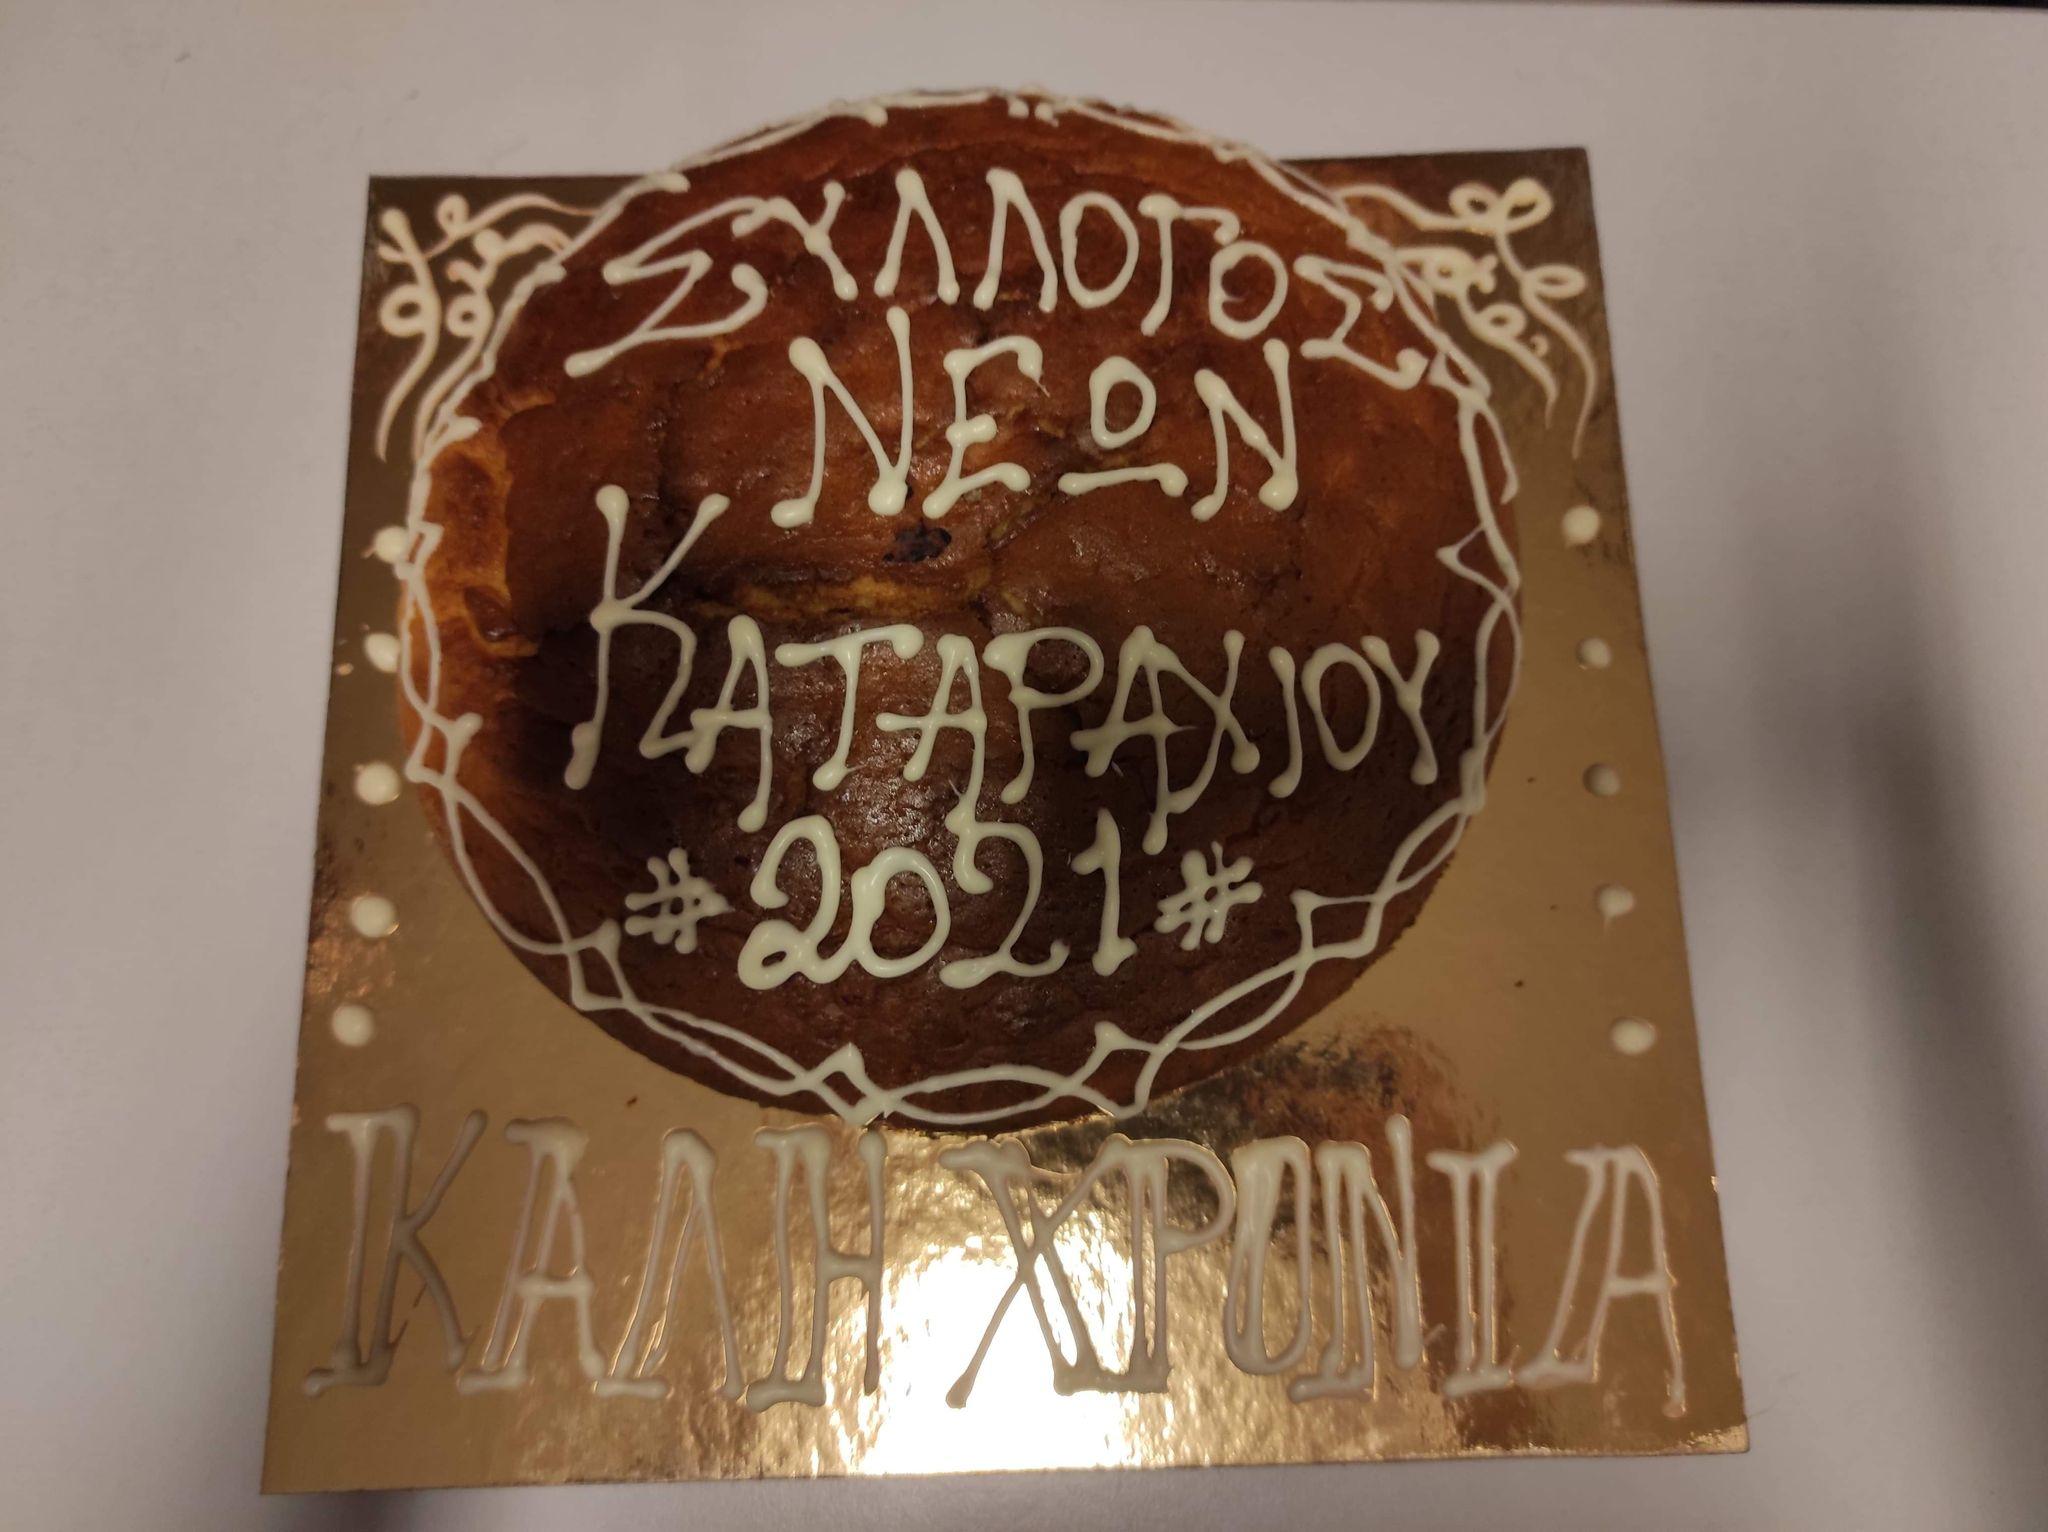 Πύργος- Σύλλογος Νέων Καταραχίου: Έκοψε την Πρωτοχρονιάτικη βασιλόπιτα, σε μία κλειστή εκδήλωση, λόγω covid, το ΔΣ του Συλλόγου